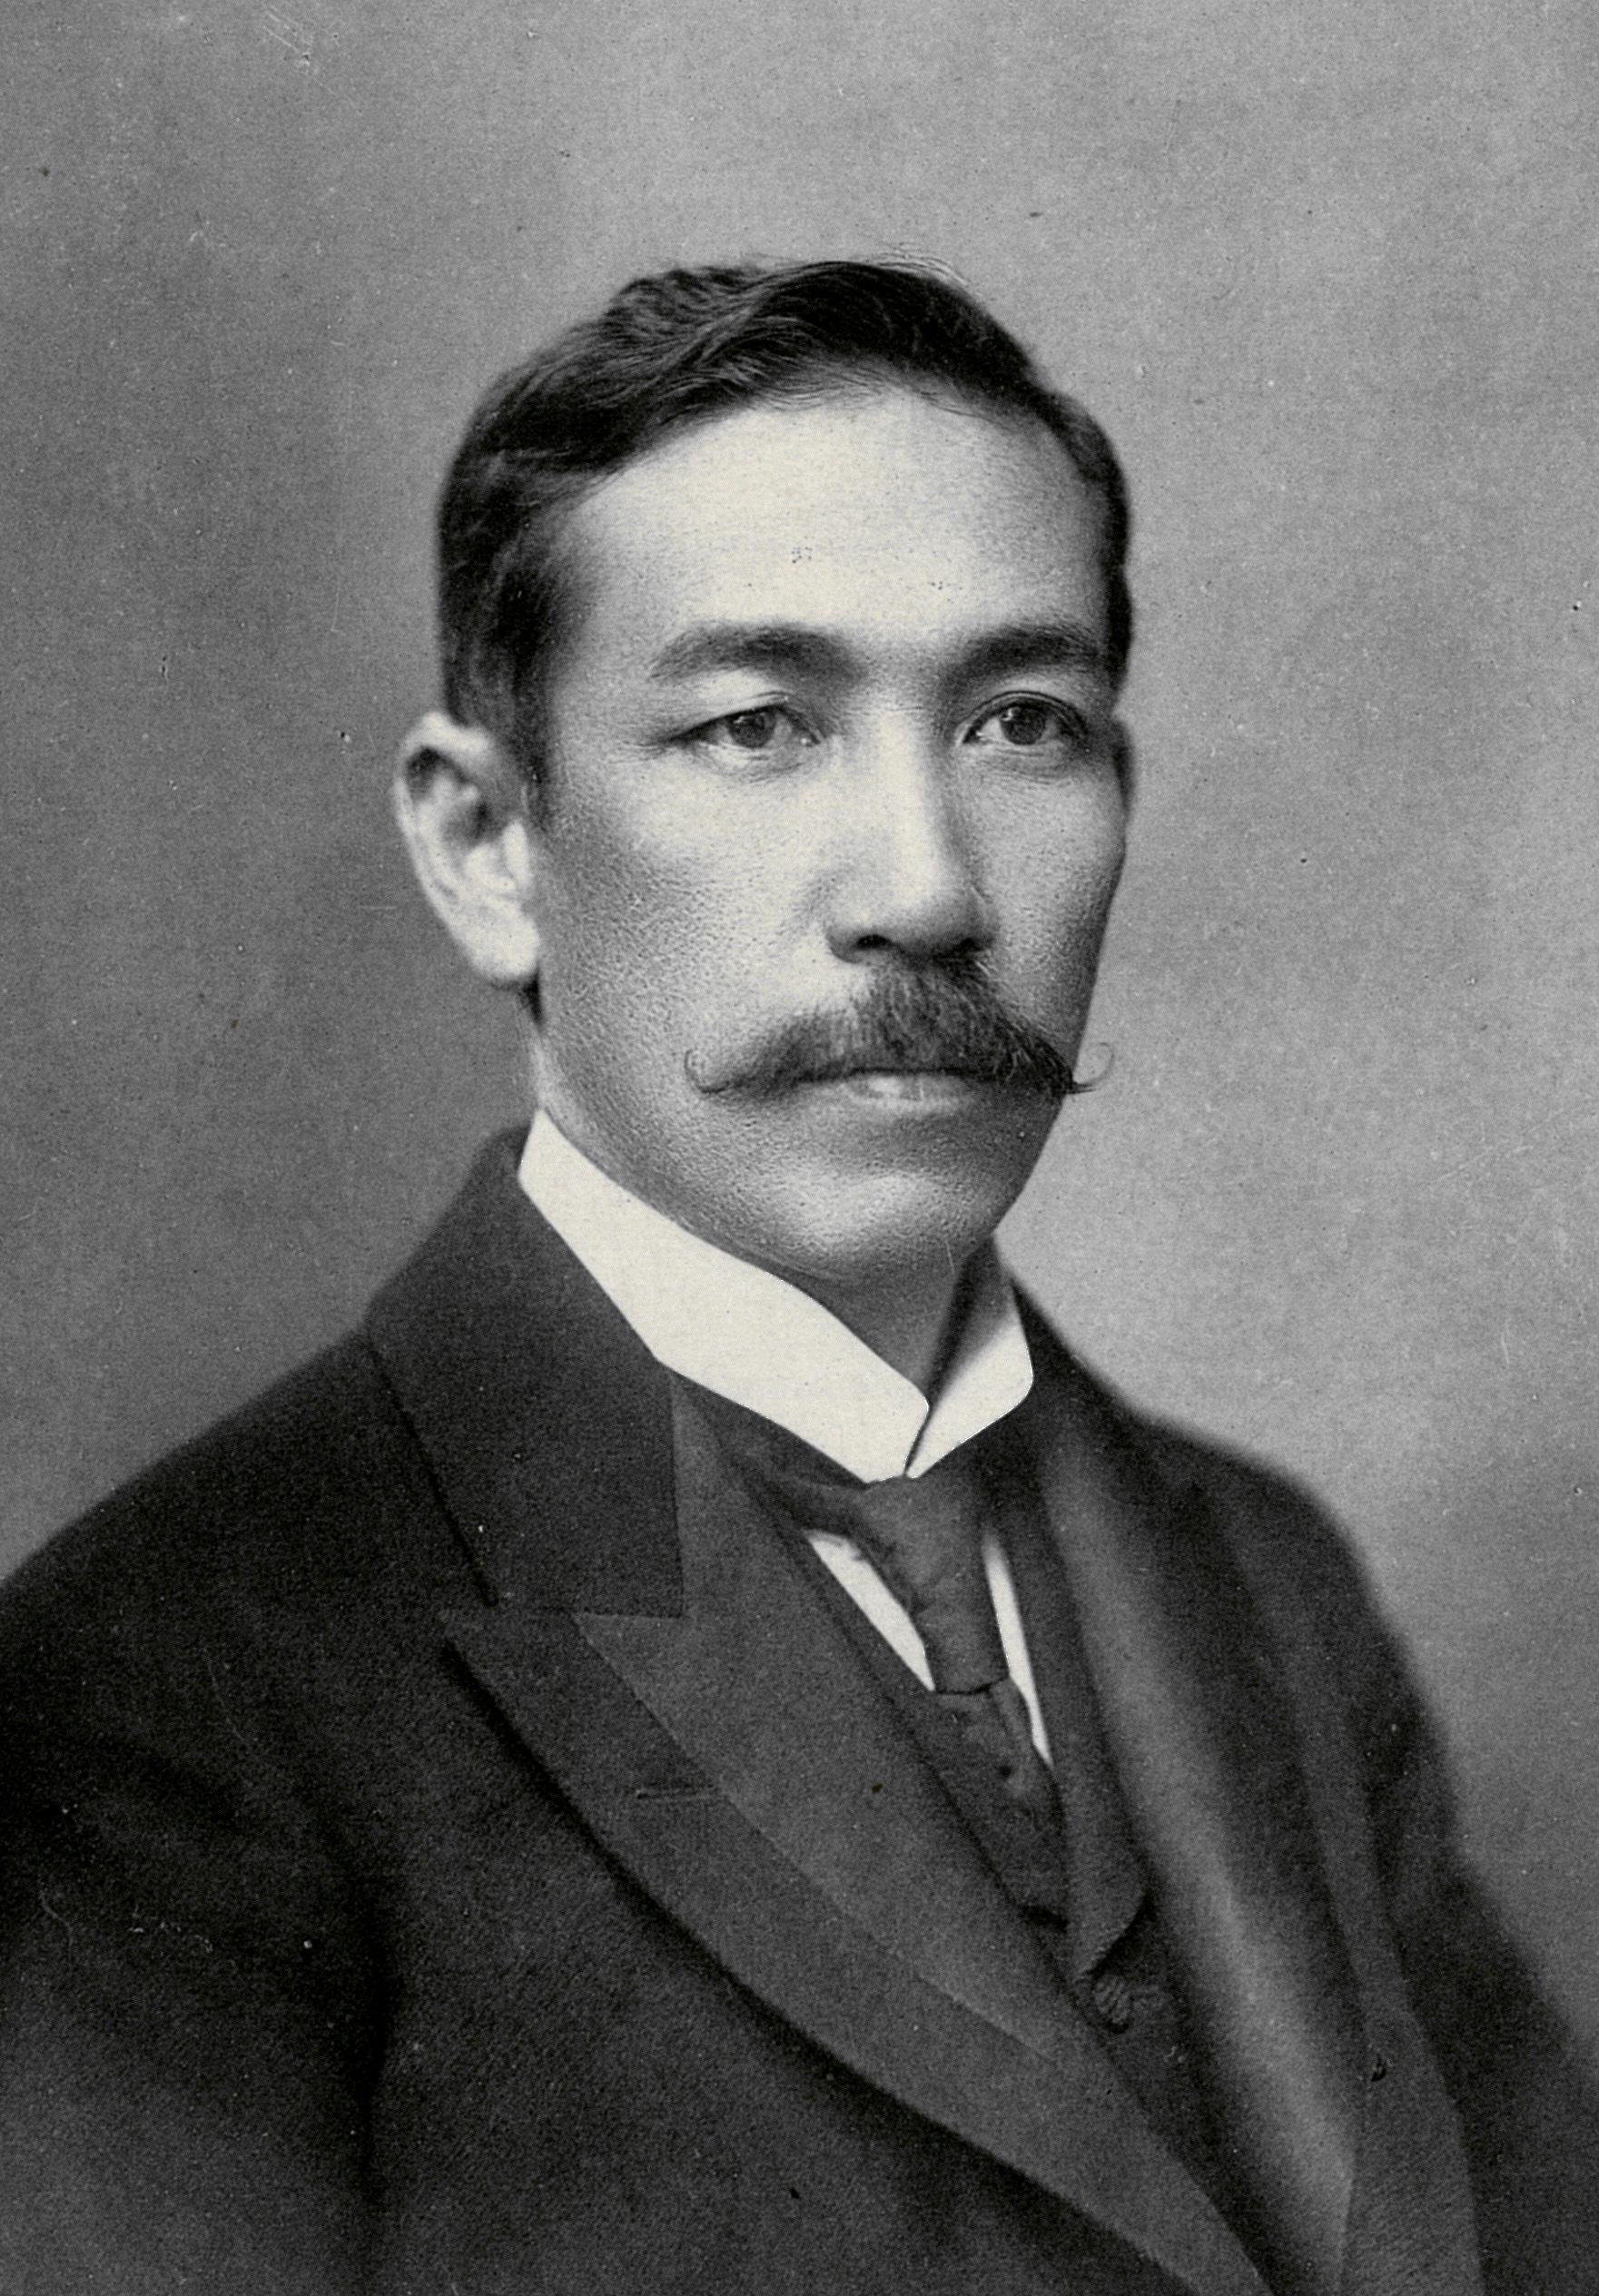 http://www.suzukishoten-museum.com/blog/images/mizusima%20tetsuya%20kocho.jpg